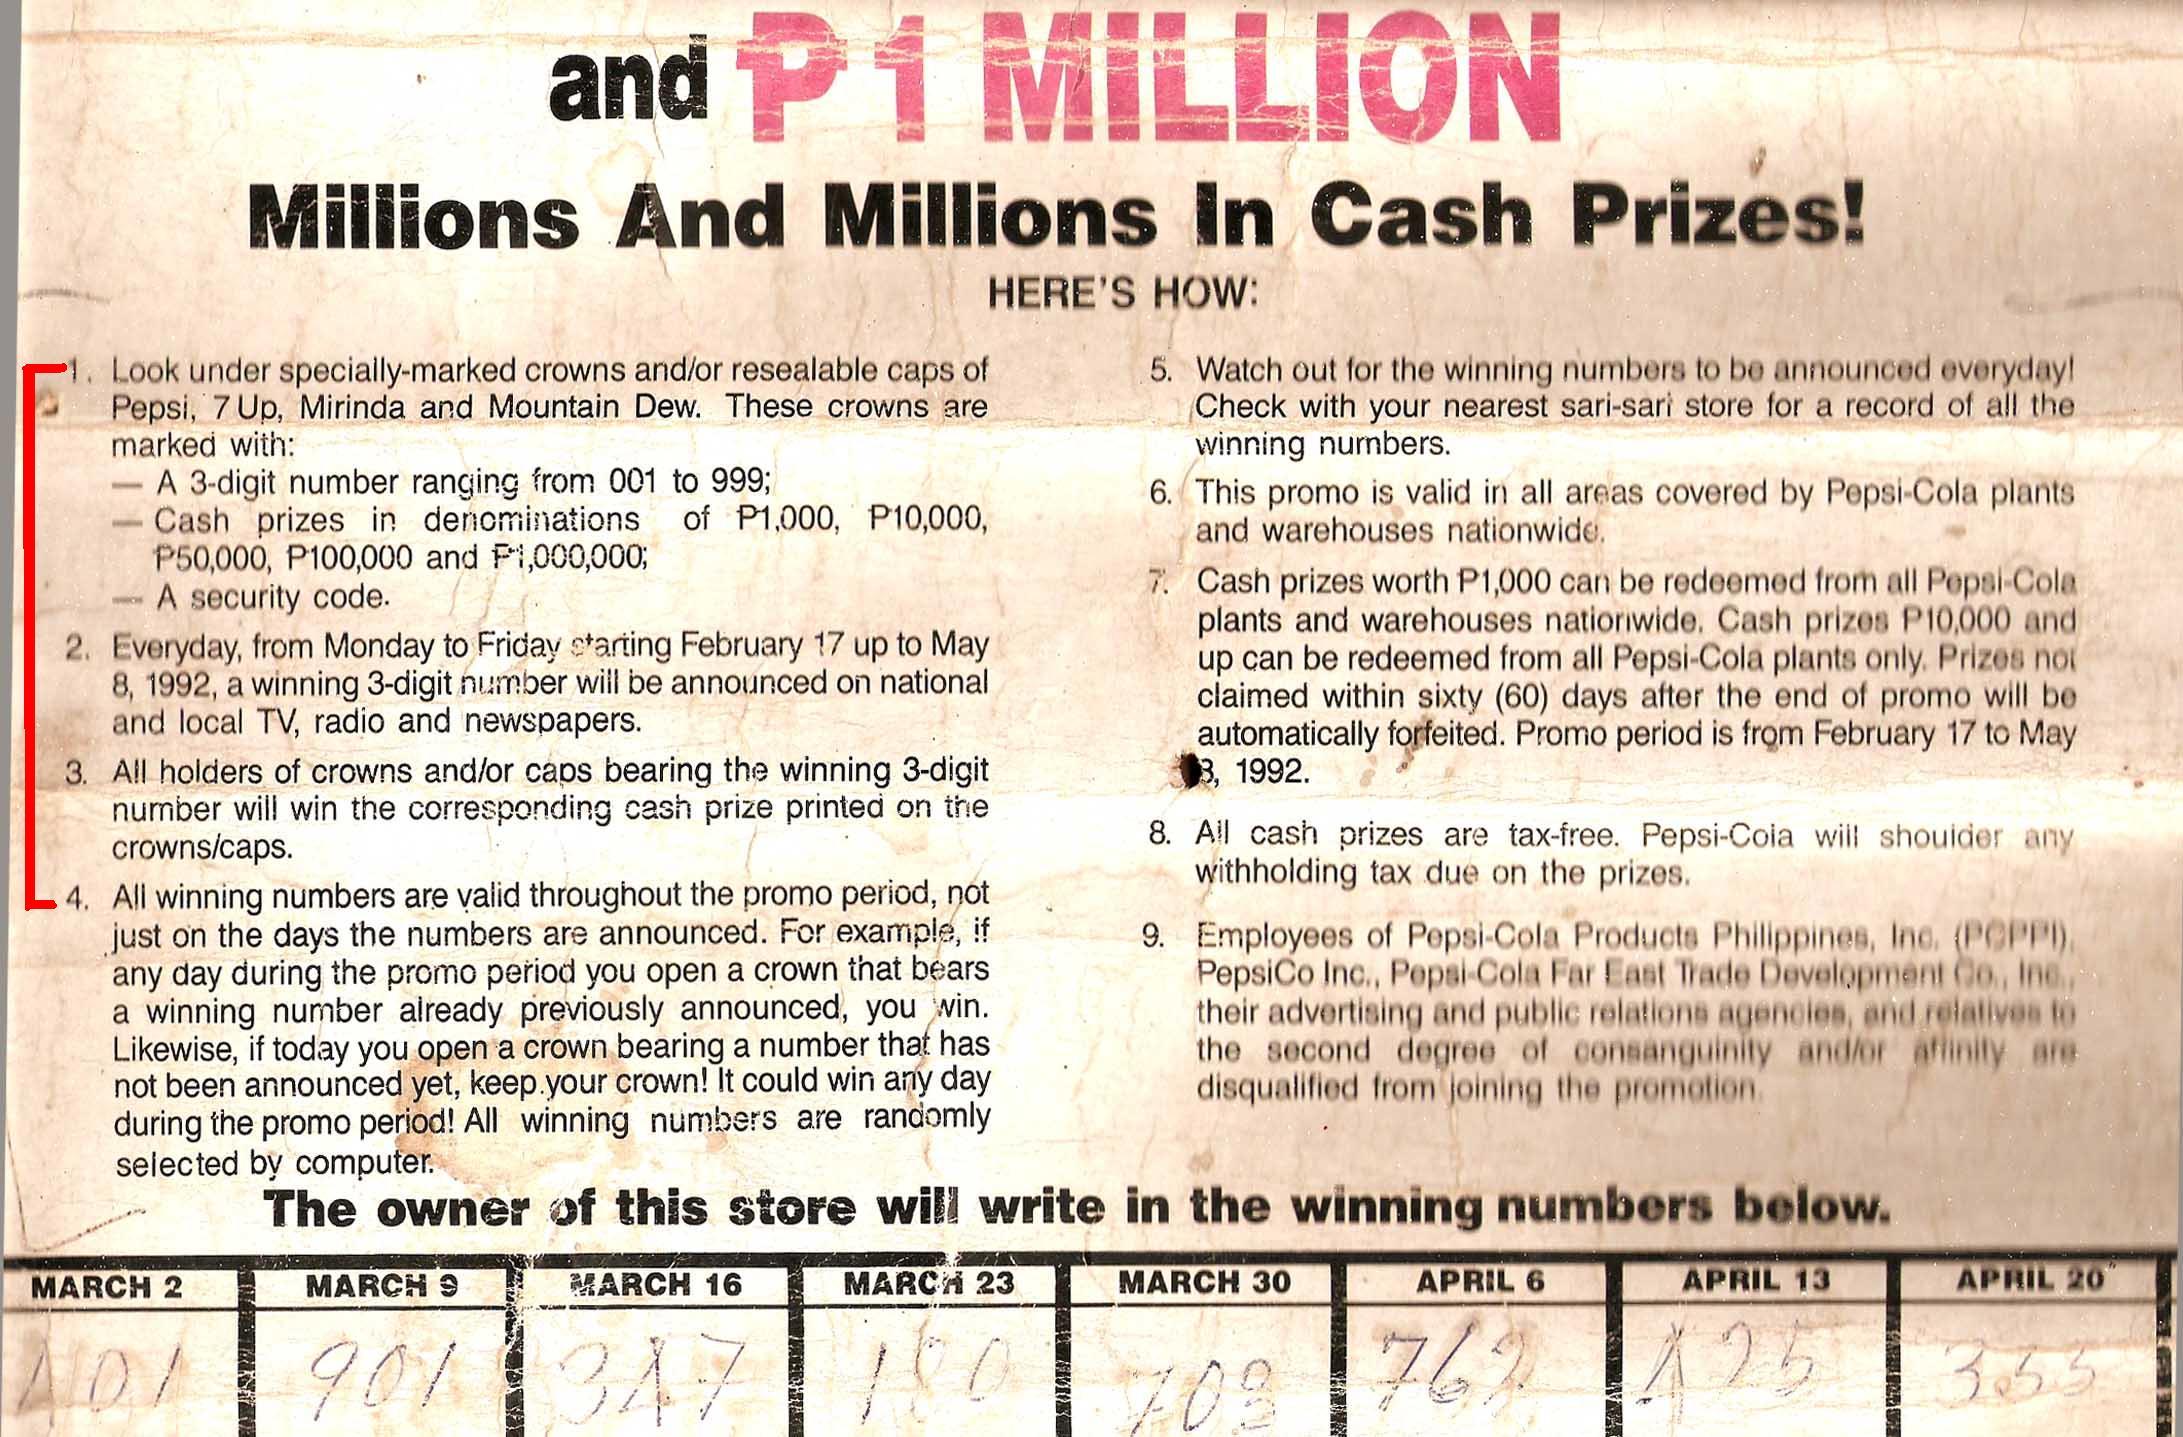 Khi công ty không trả thưởng cho khách hàng: 'Đại họa' của PepsiCo ở Philippines (2)